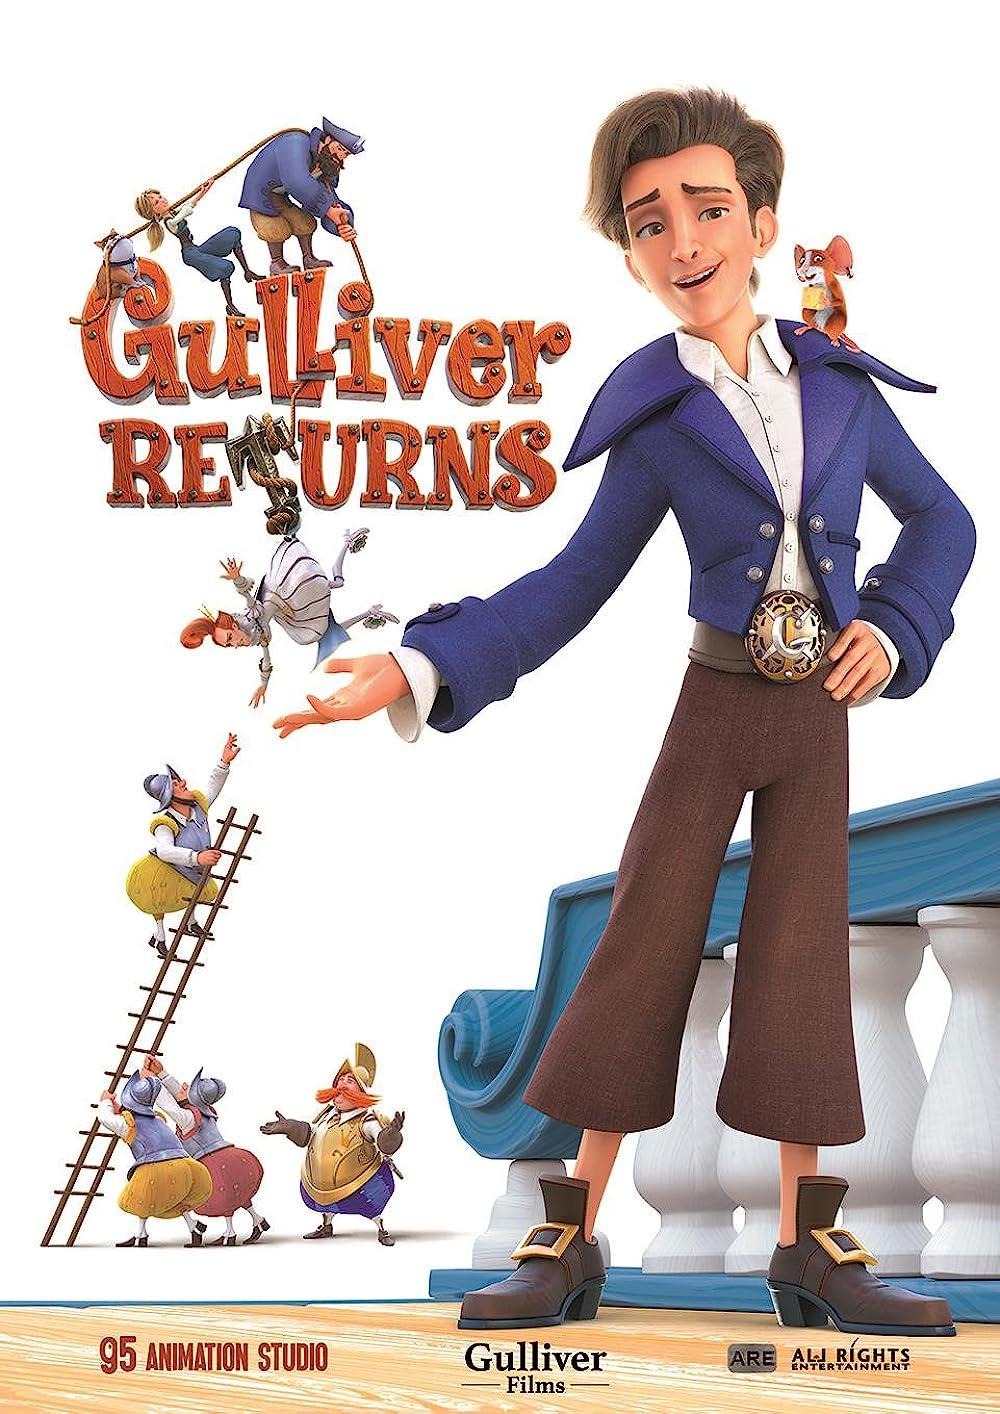 Download Filme As Aventuras de Gulliver Qualidade Hd